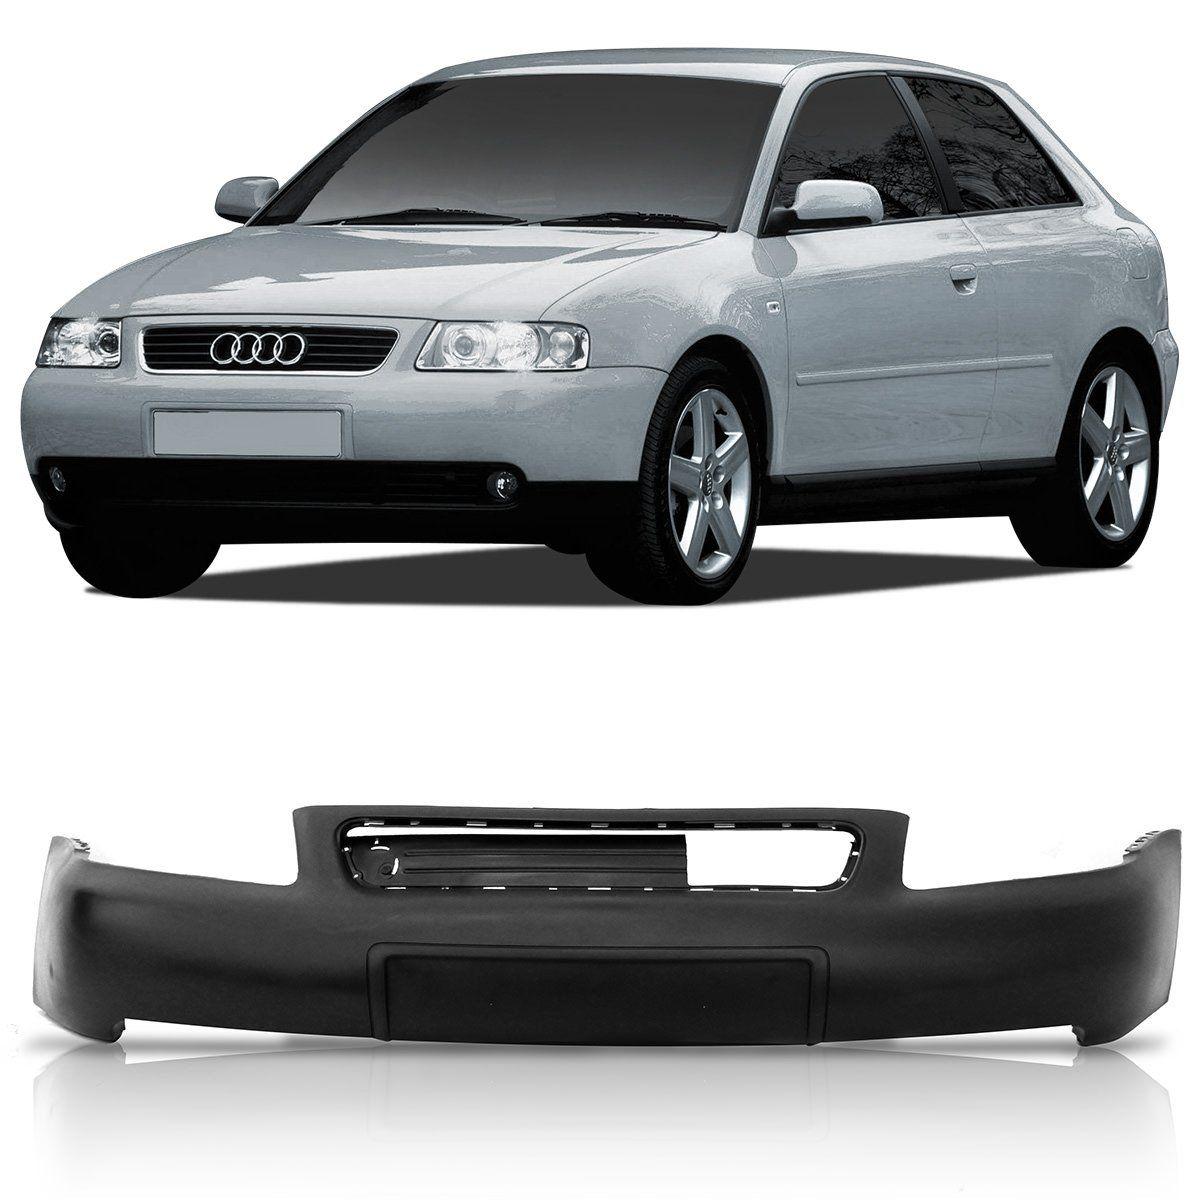 Parachoque Dianteiro Audi A3 96 97 98 99 2000 2001 2002 2003 2004 2005